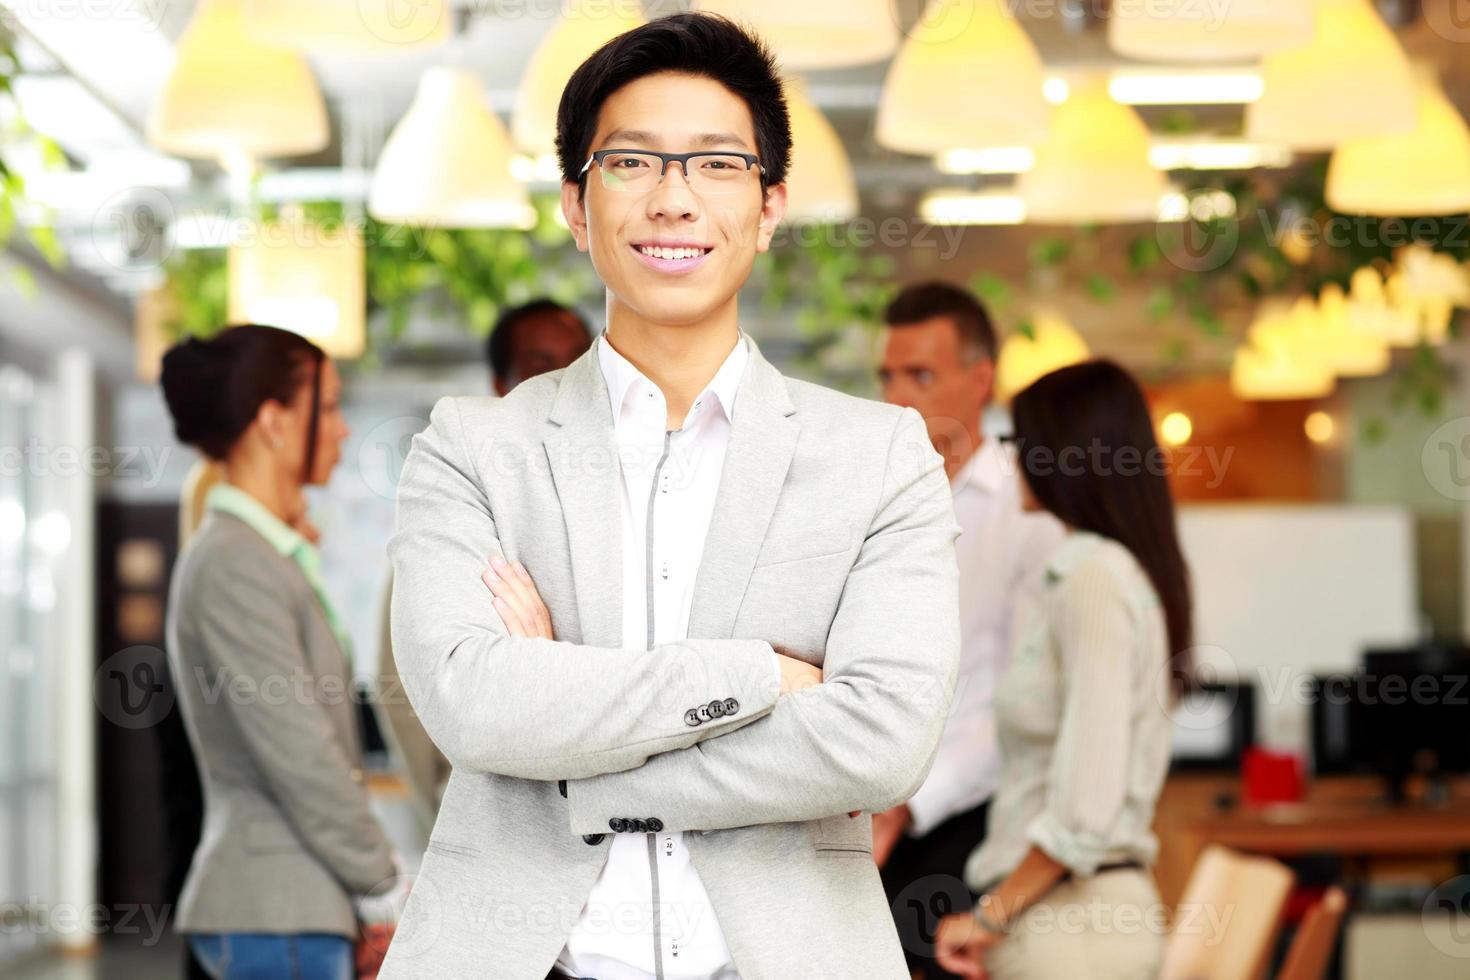 retrato do empresário sorridente com os braços cruzados foto